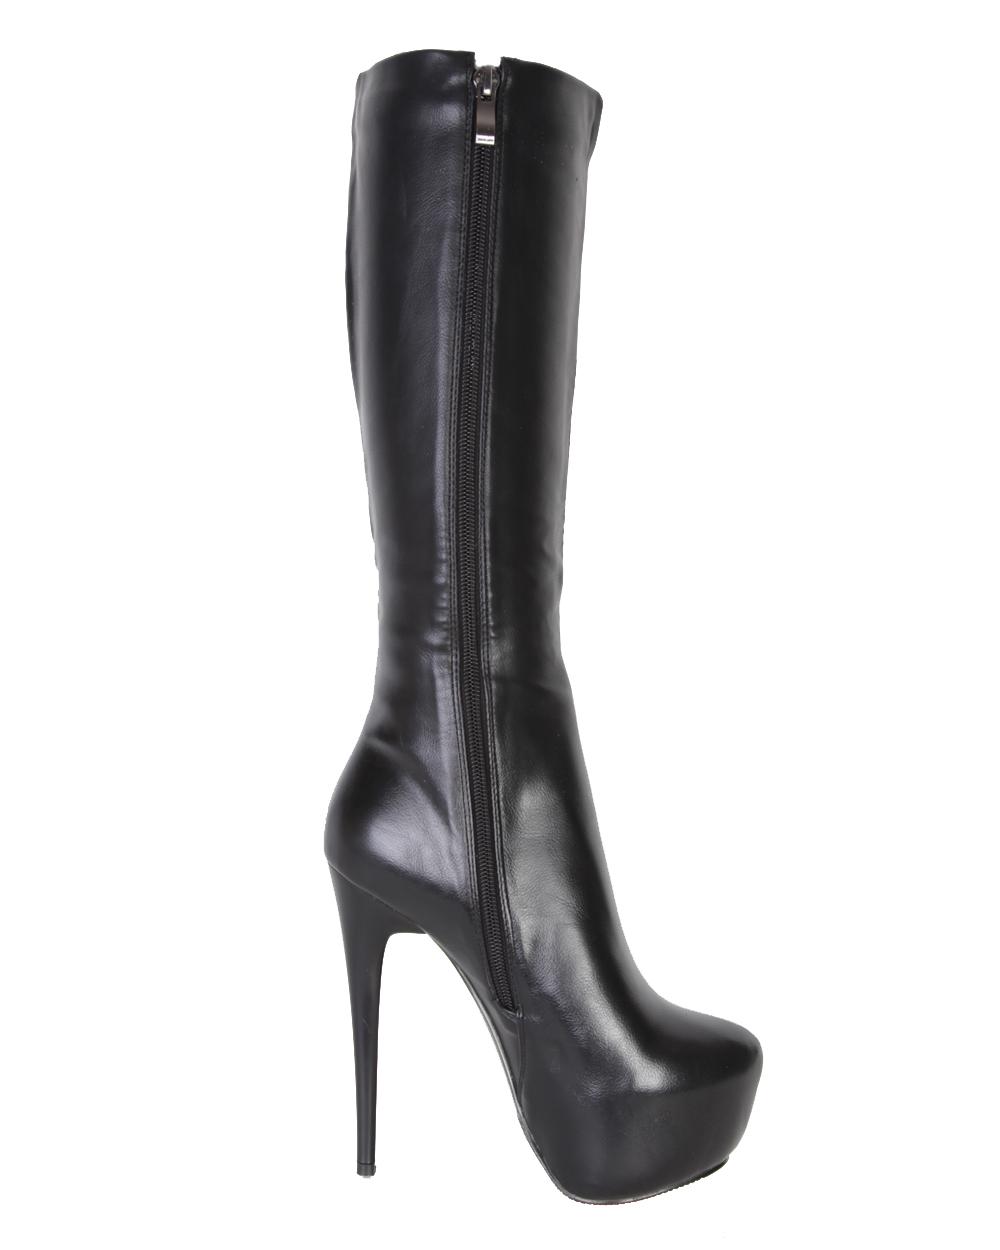 Женская сапоги на проблемные ноги